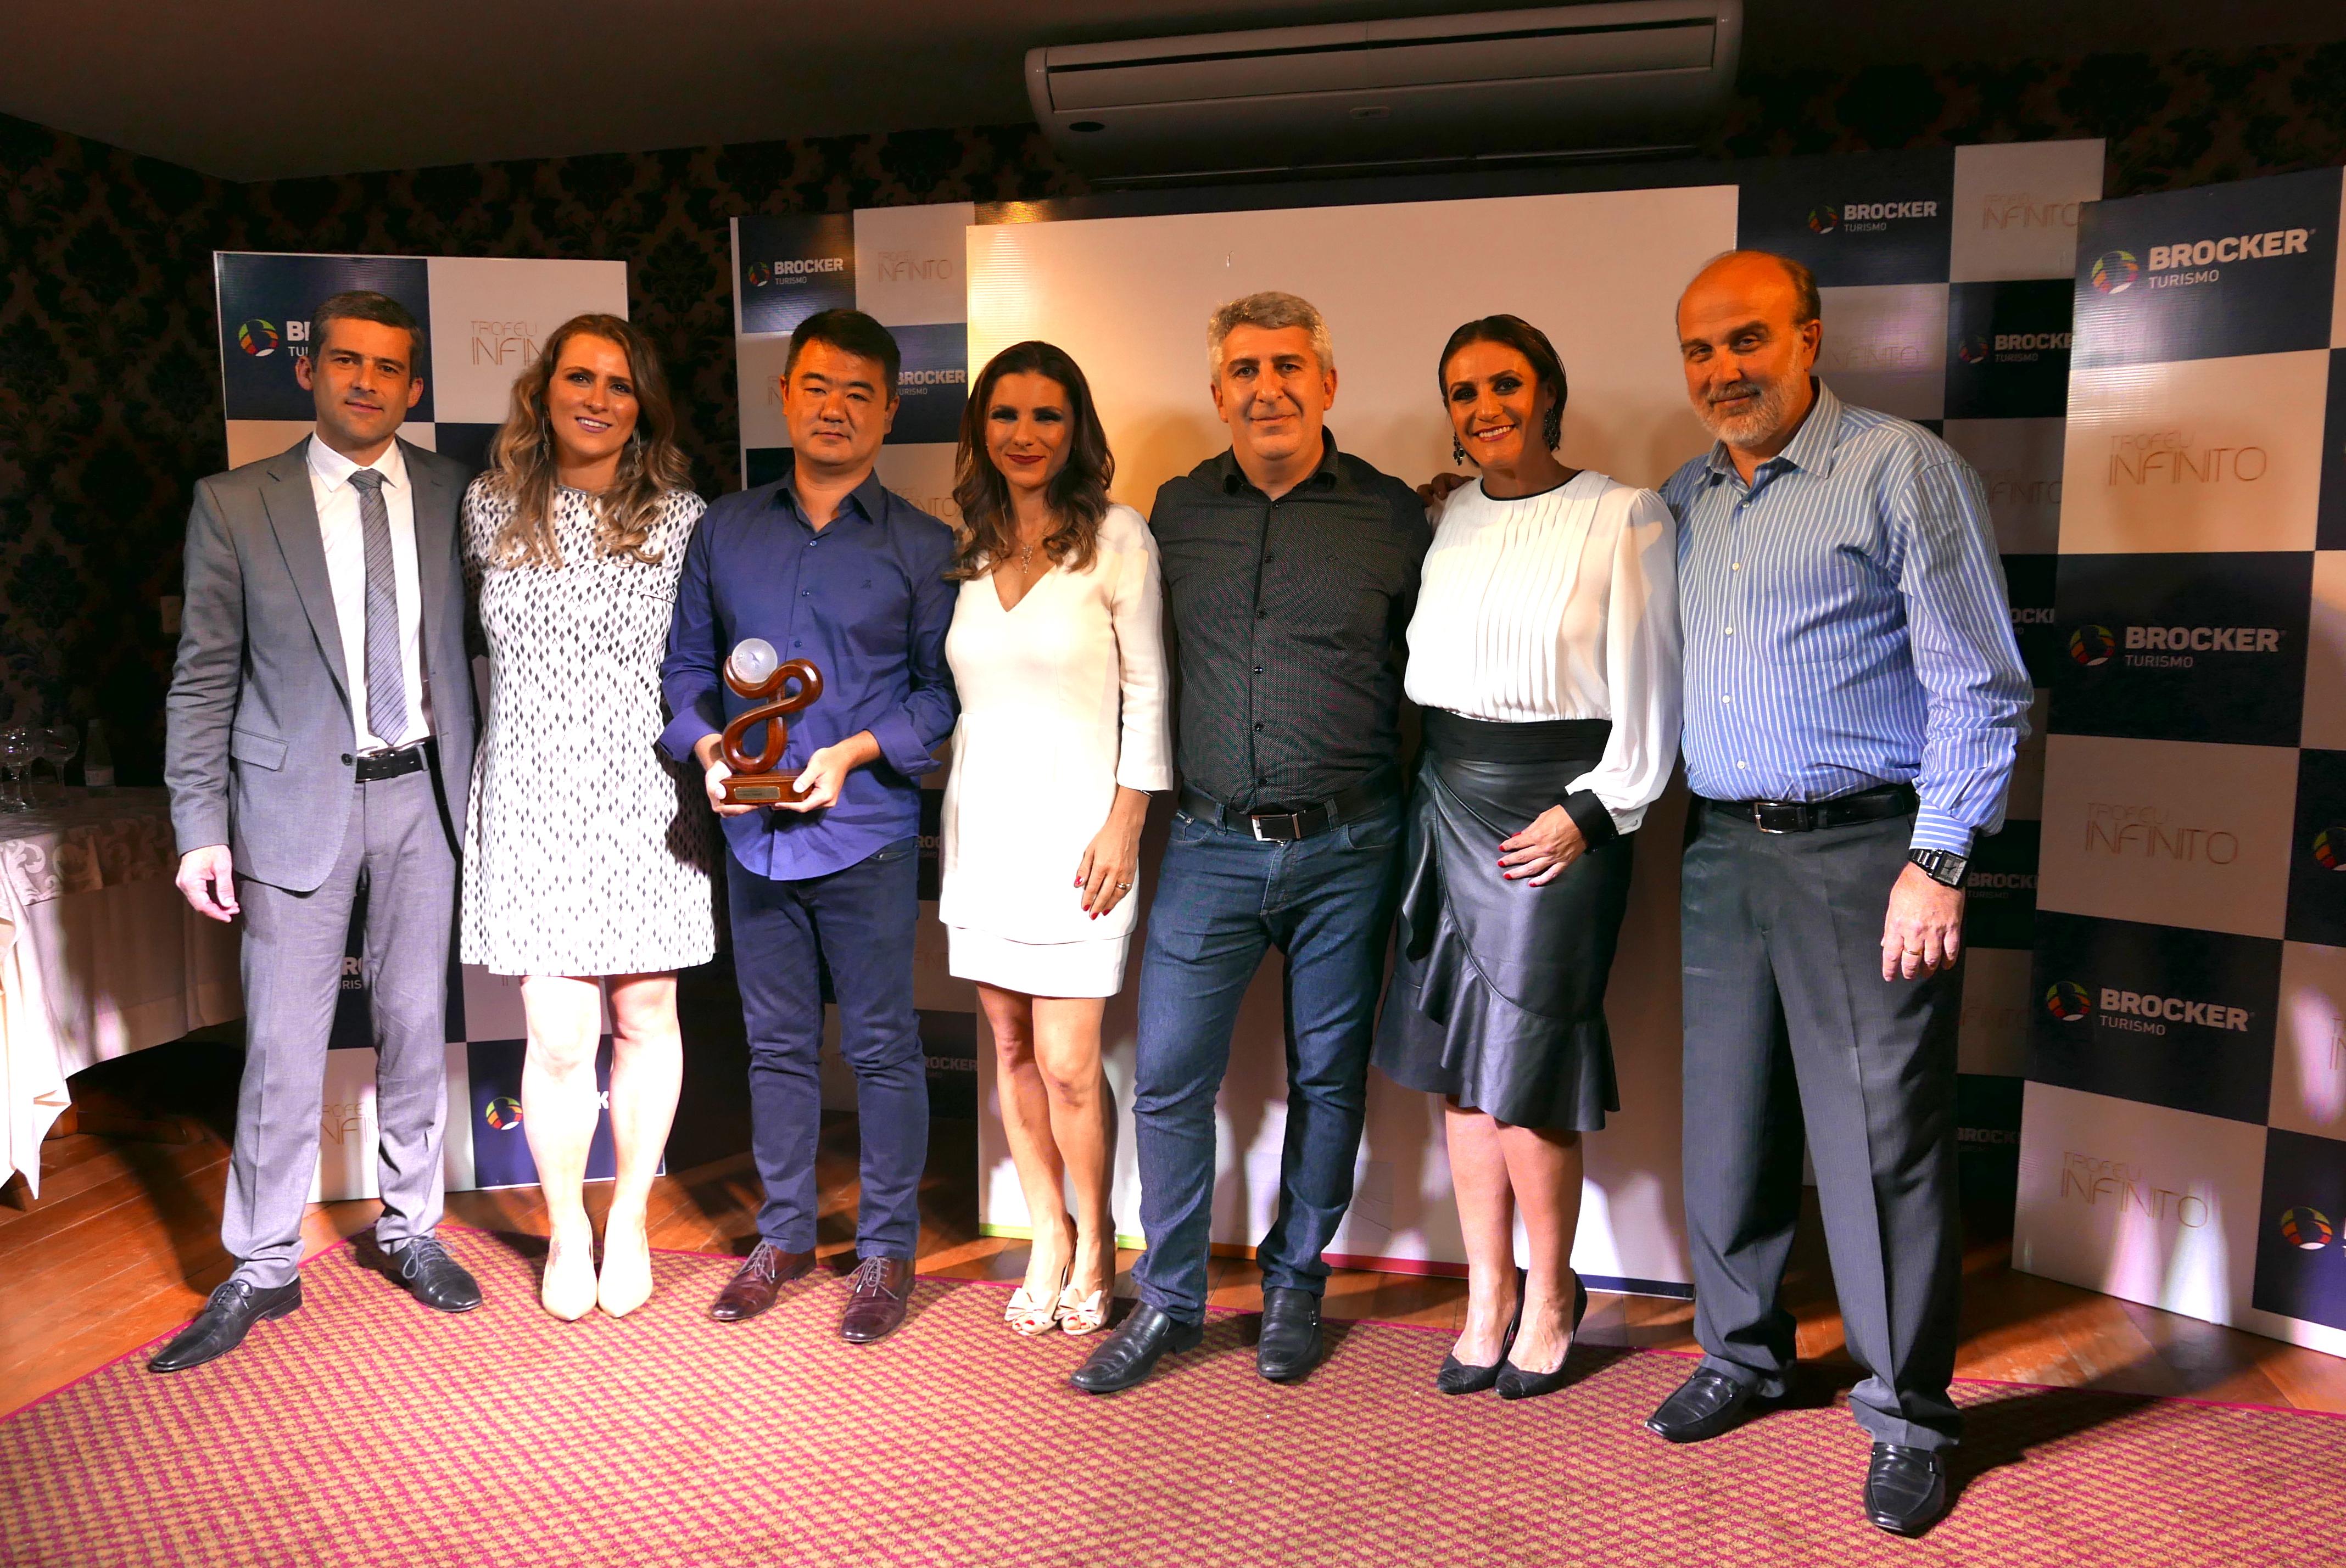 1o Lugar = A Visual Turismo foi a grande campeão e Renato Kido + José Carlos Ribas + José Roberto receberam o prêmio para entregar ao Seu Afonso